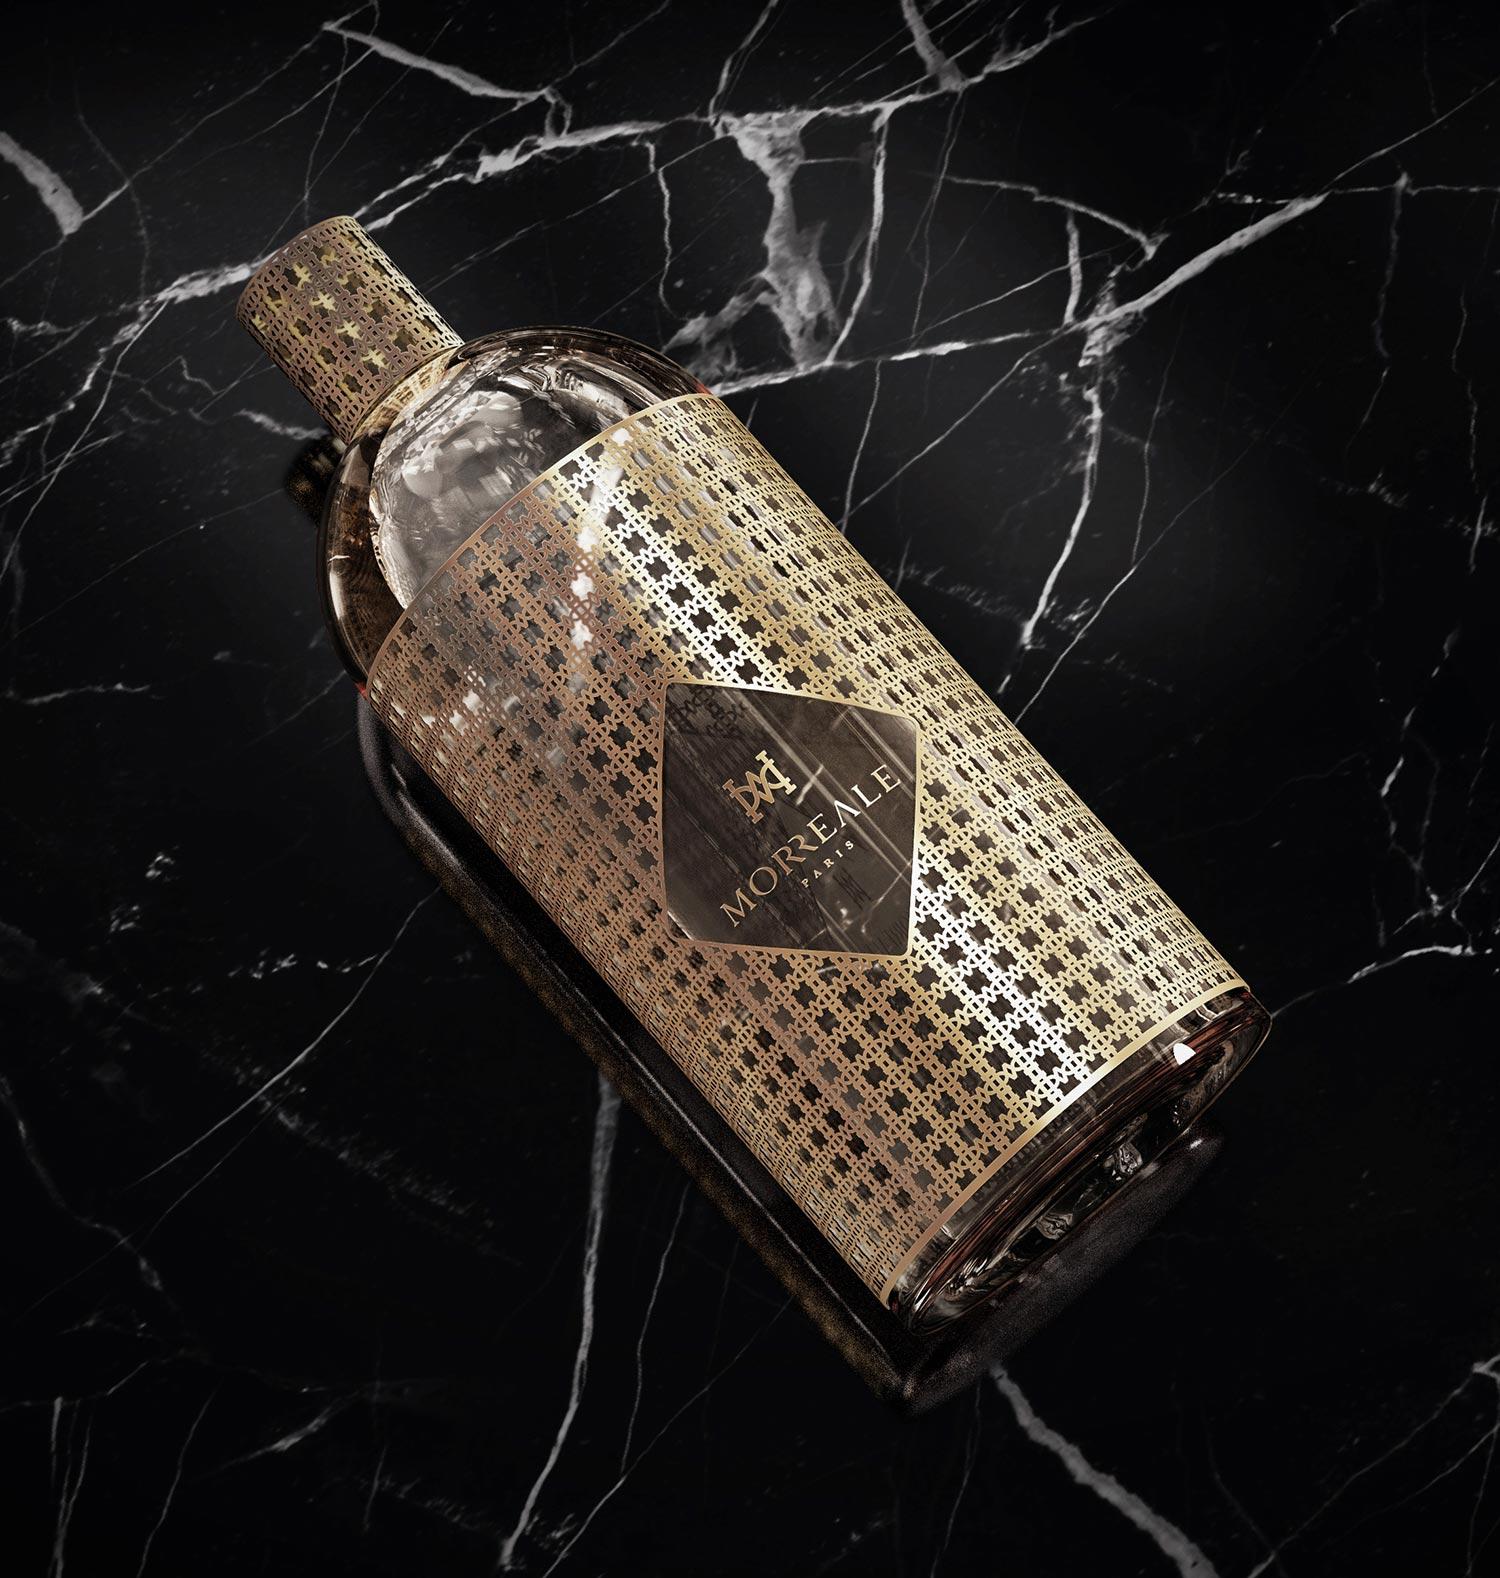 Bildergebnis für morreale most expensive perfume